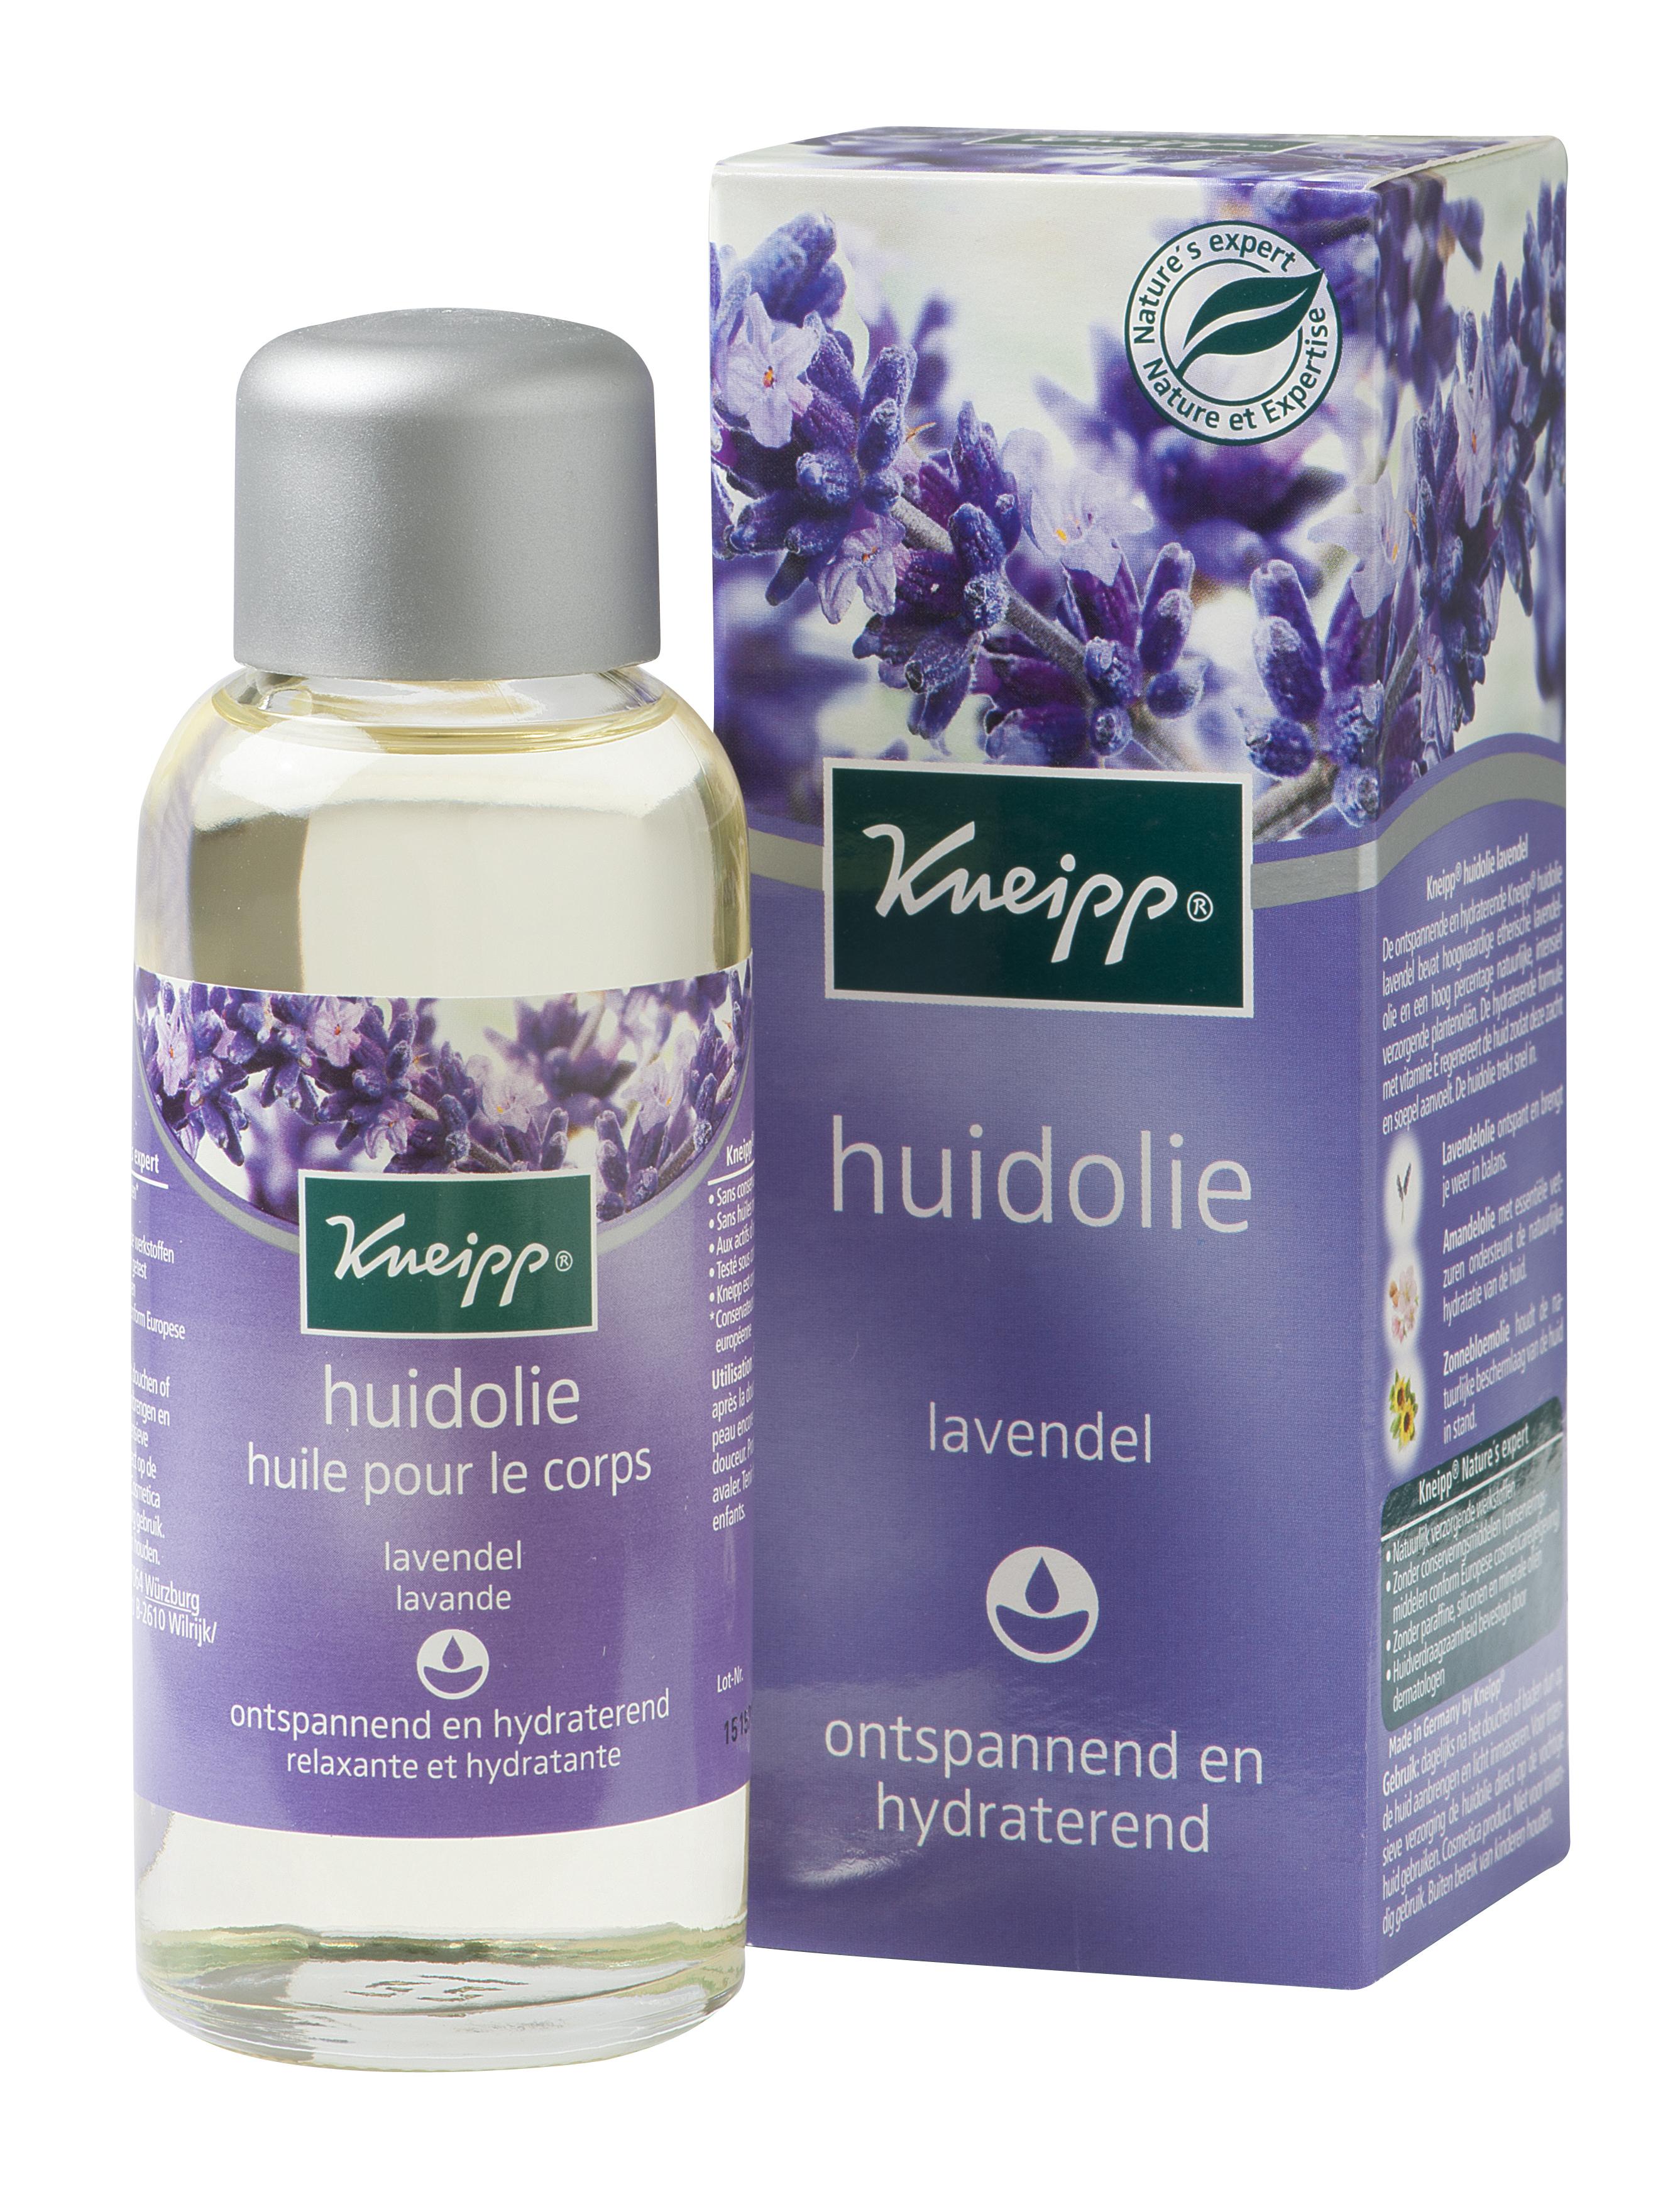 Kneipp huile pour la peau à la lavande - 100 ml